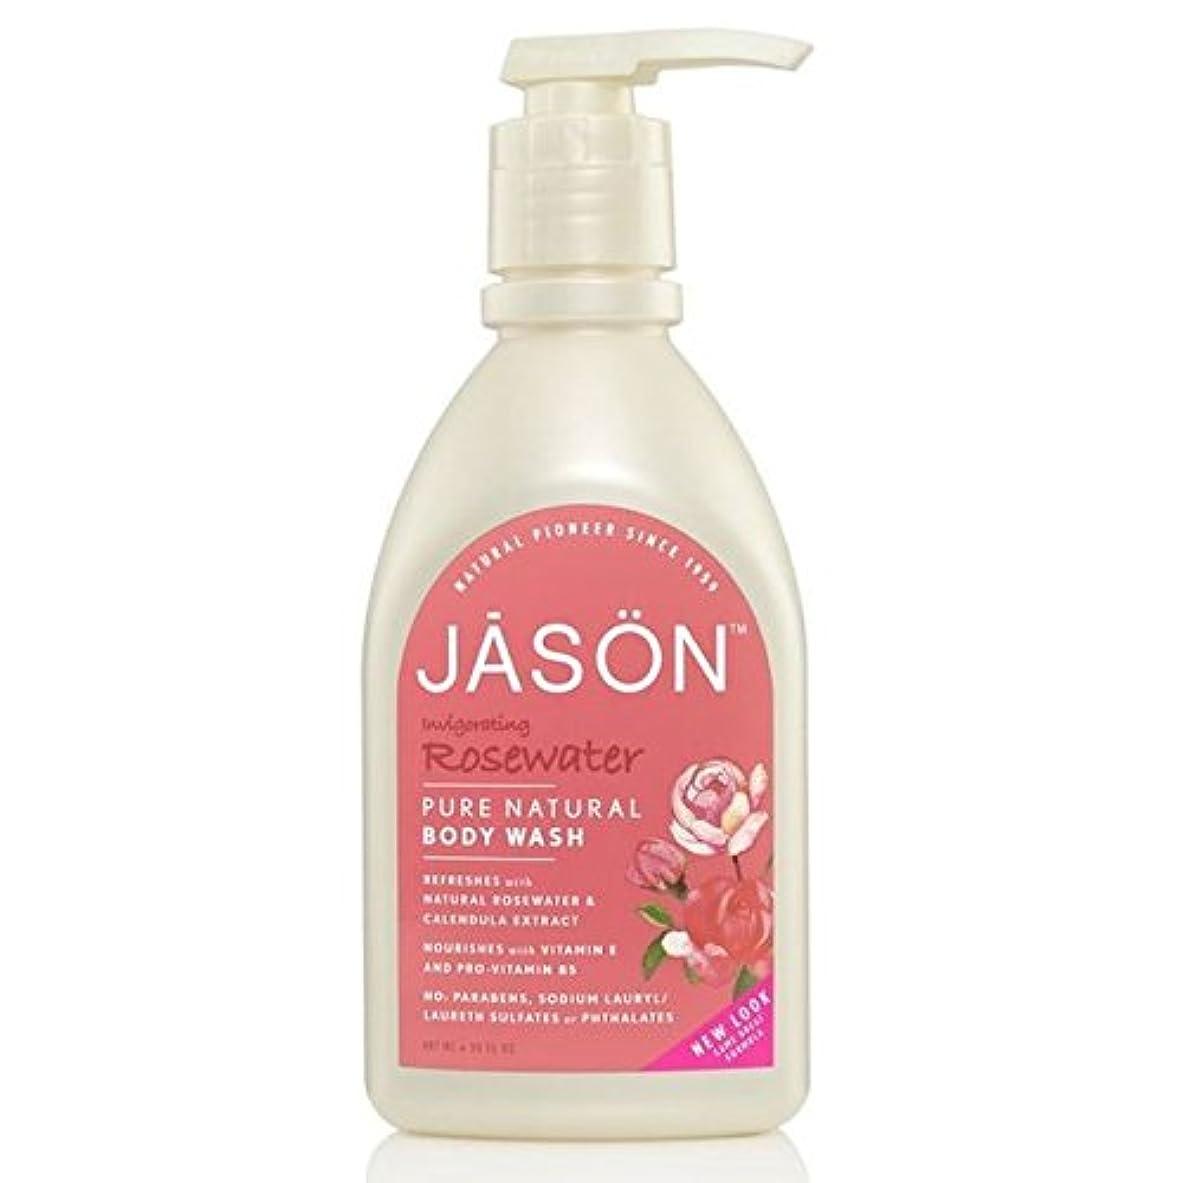 不可能なシプリーバッチジェイソン?ボディウォッシュローズウォーターサテンシャワー900ミリリットル x2 - Jason Body Wash Rosewater Satin Shower 900ml (Pack of 2) [並行輸入品]